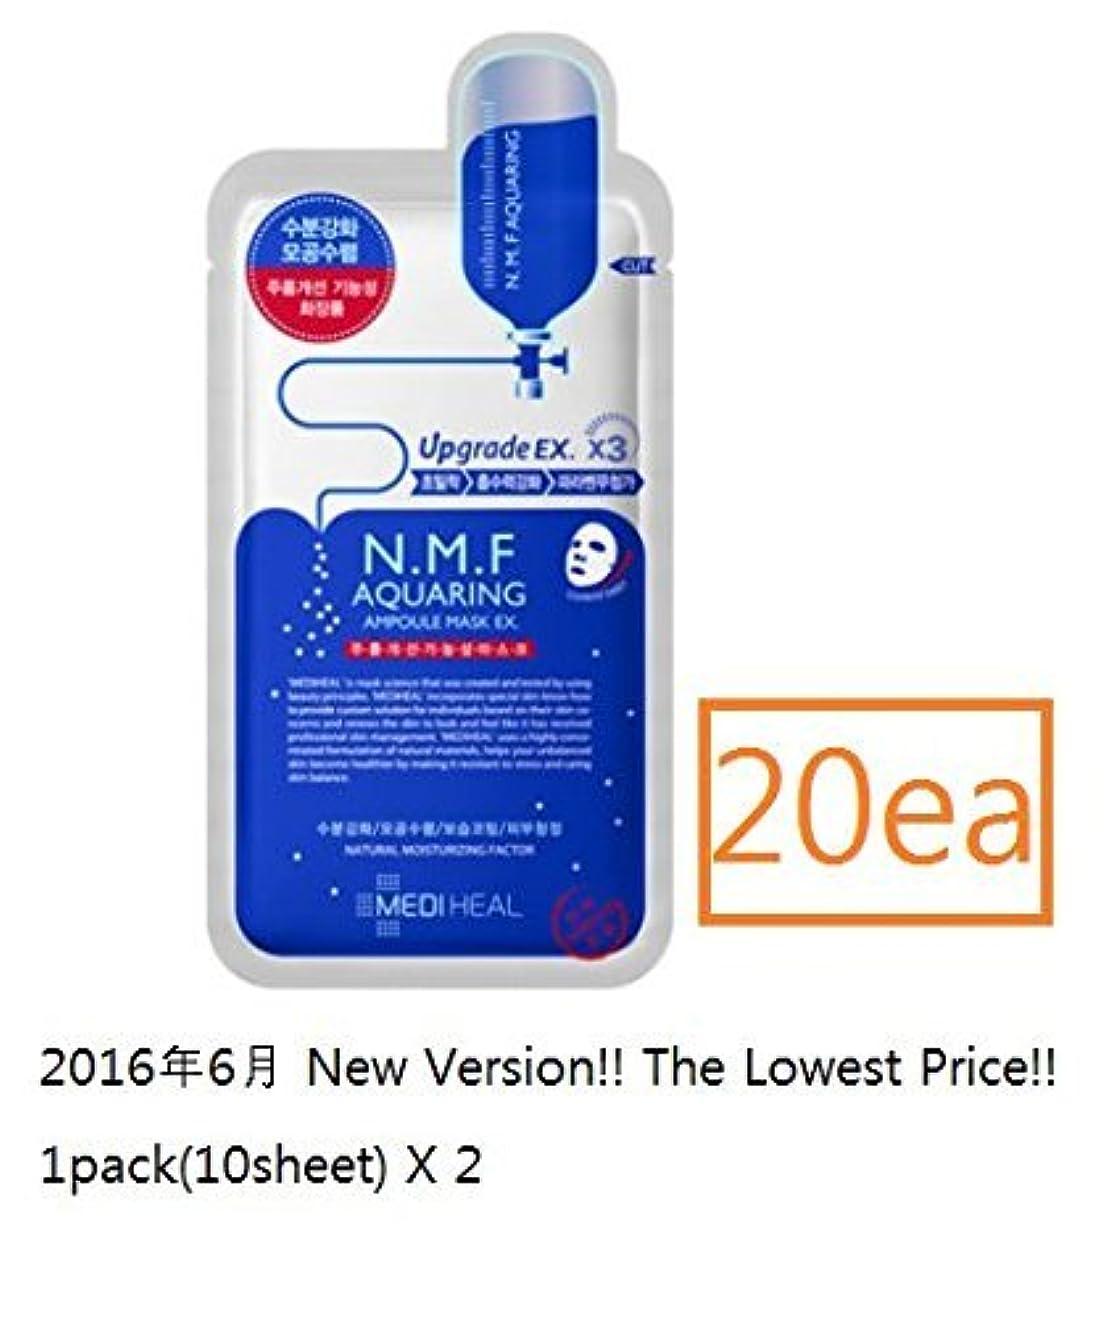 Mediheal メディヒール N.M.F アクアリング アンプル?マスクパック 10枚入り*2 (Aquaring Ampoule Essential Mask Pack 1box(10sheet)*2 [並行輸入品]